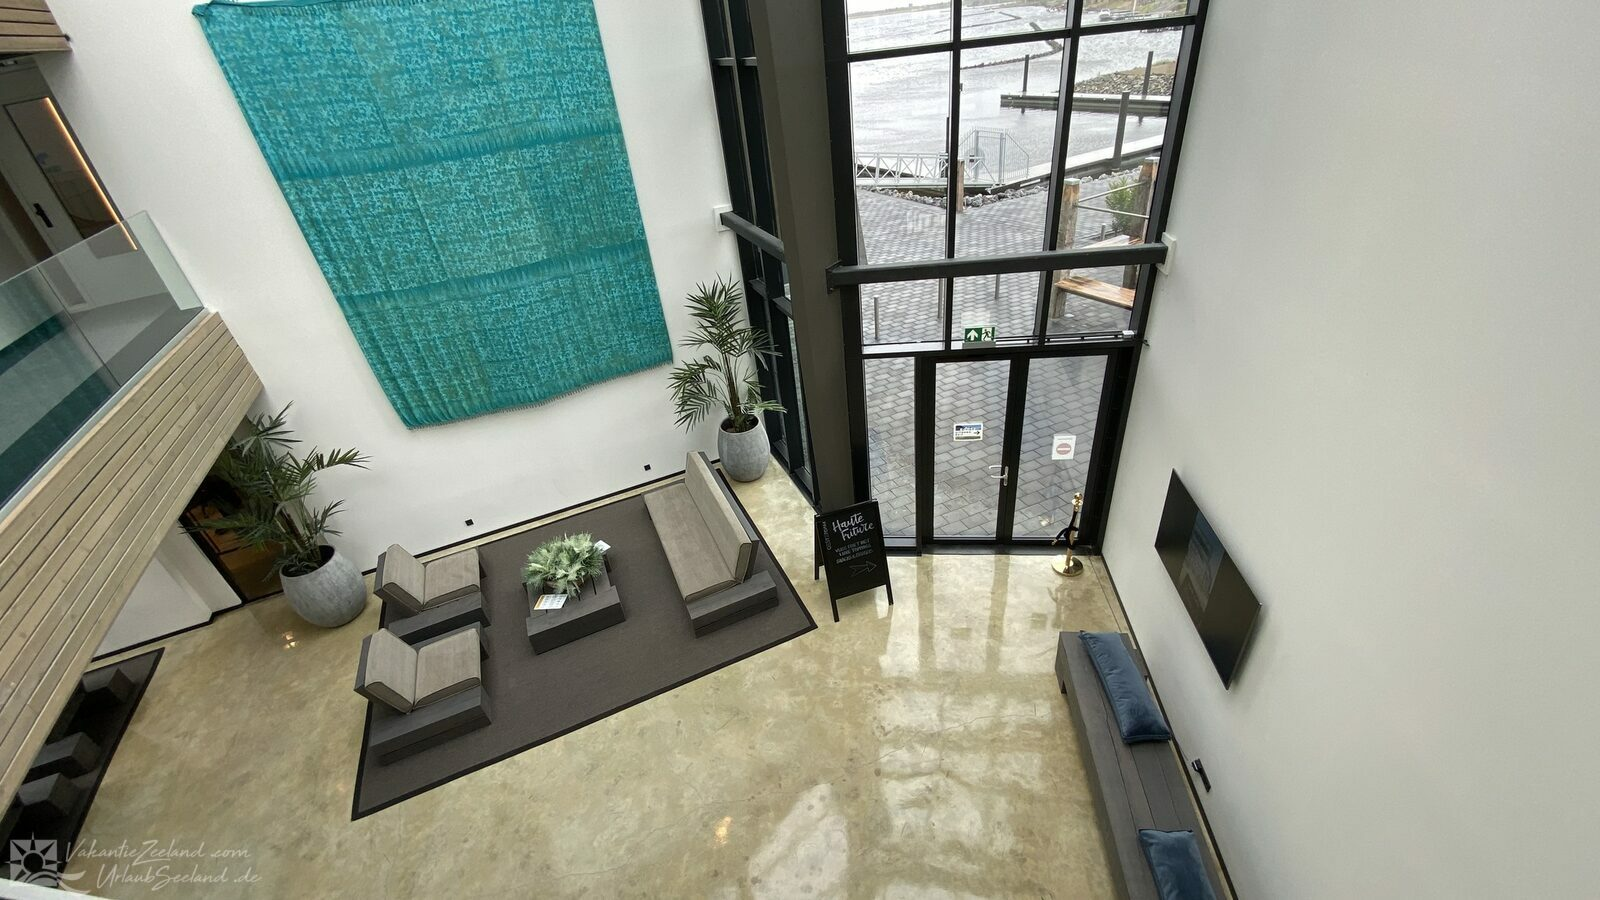 VZ863 Luxury studio in Tholen